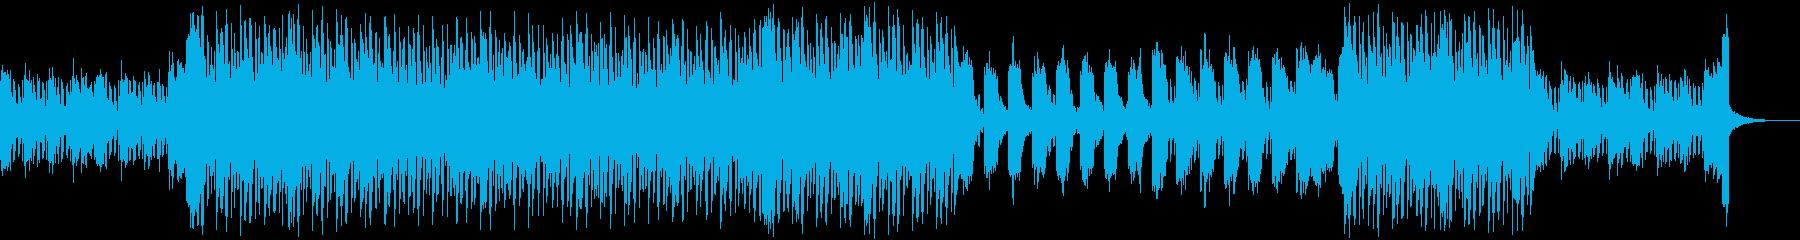 切ない/R&B/紹介PV/OP/EDの再生済みの波形